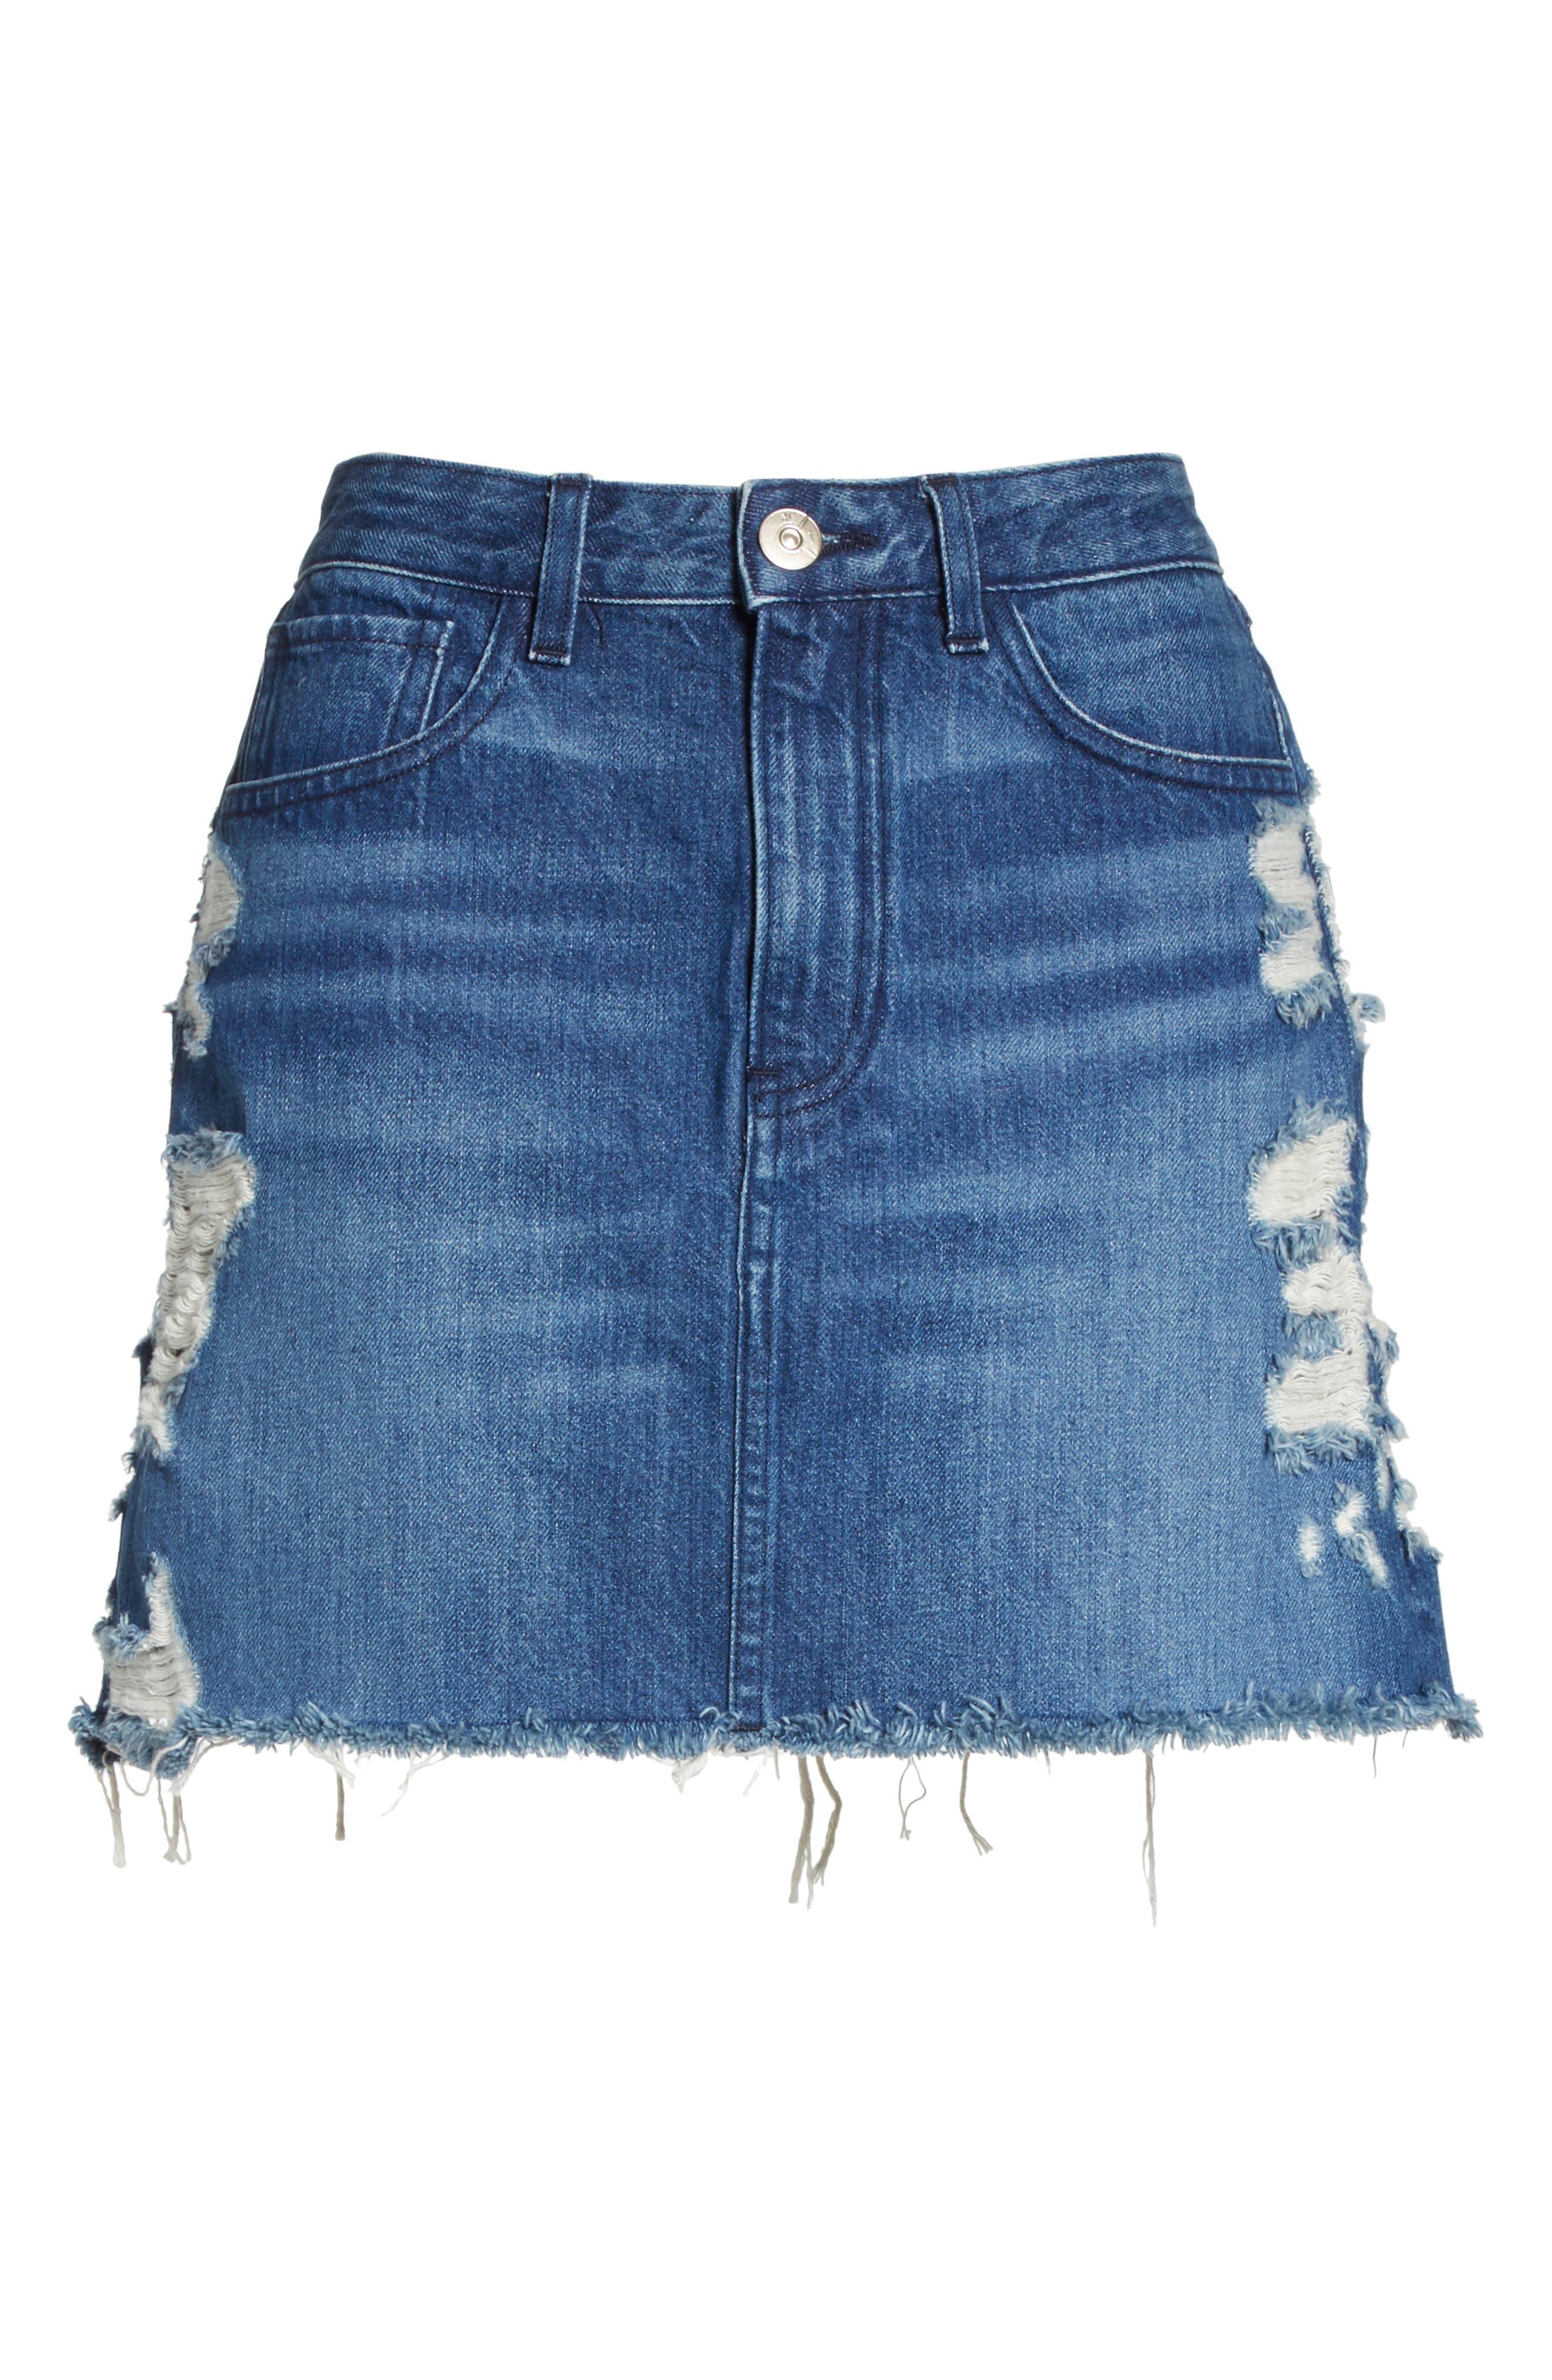 Celine Distressed Denim Skirt,                             Alternate thumbnail 6, color,                             Lela